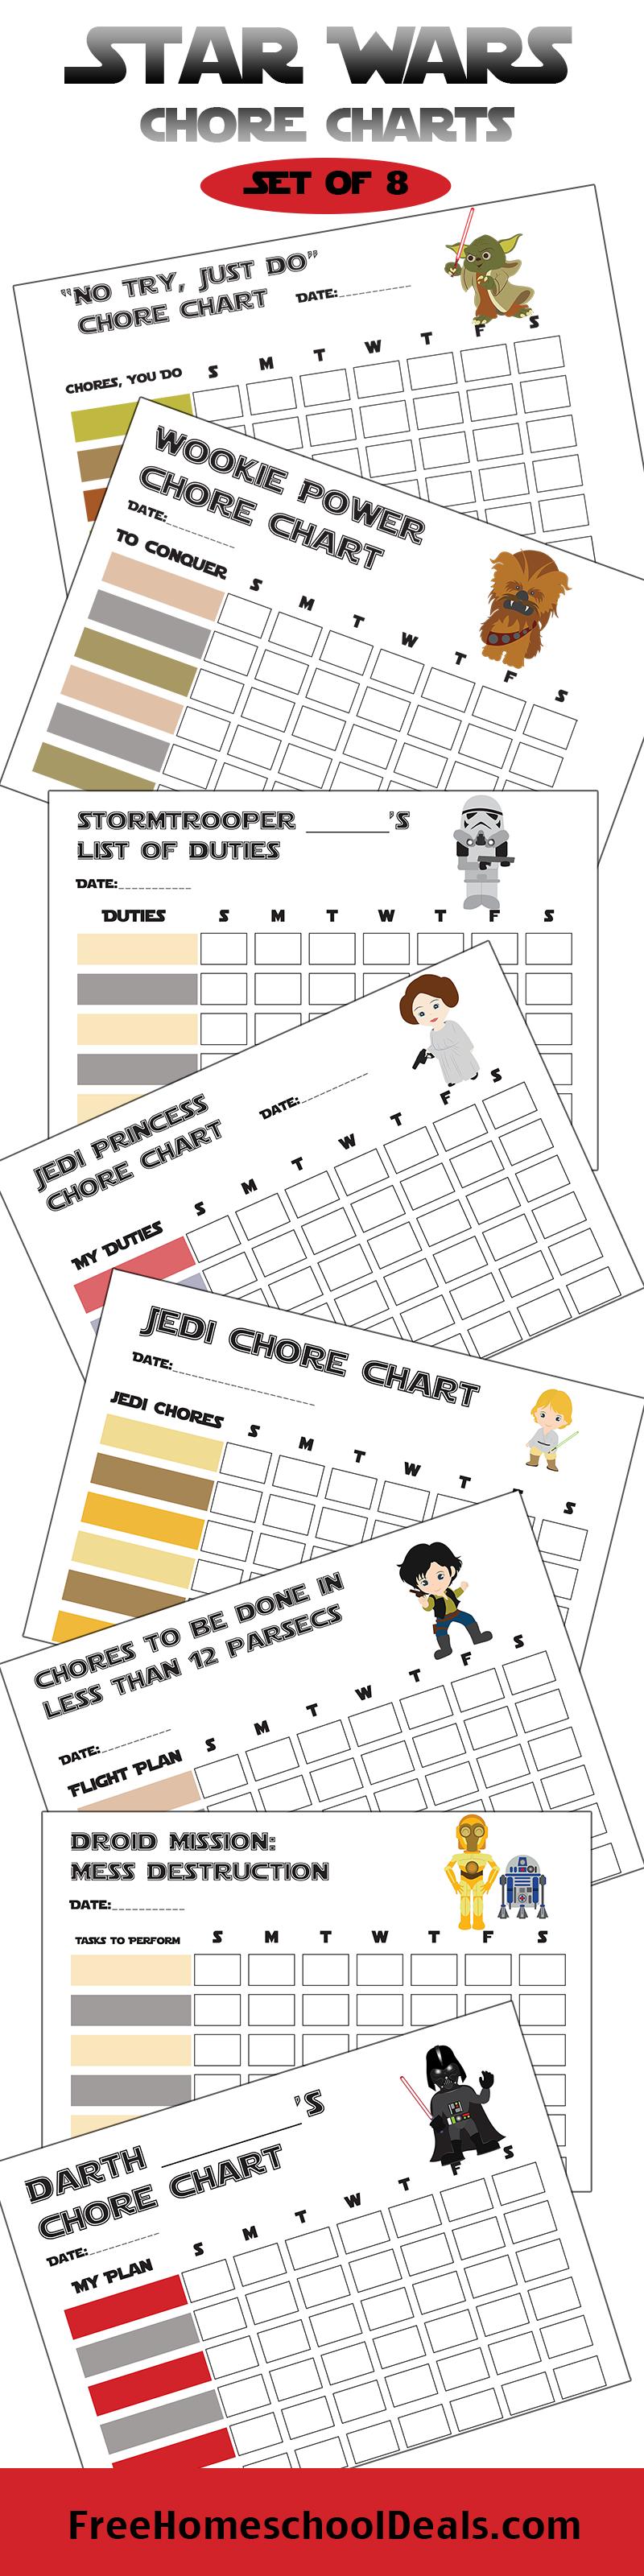 Free Printable Star Wars Chore Charts